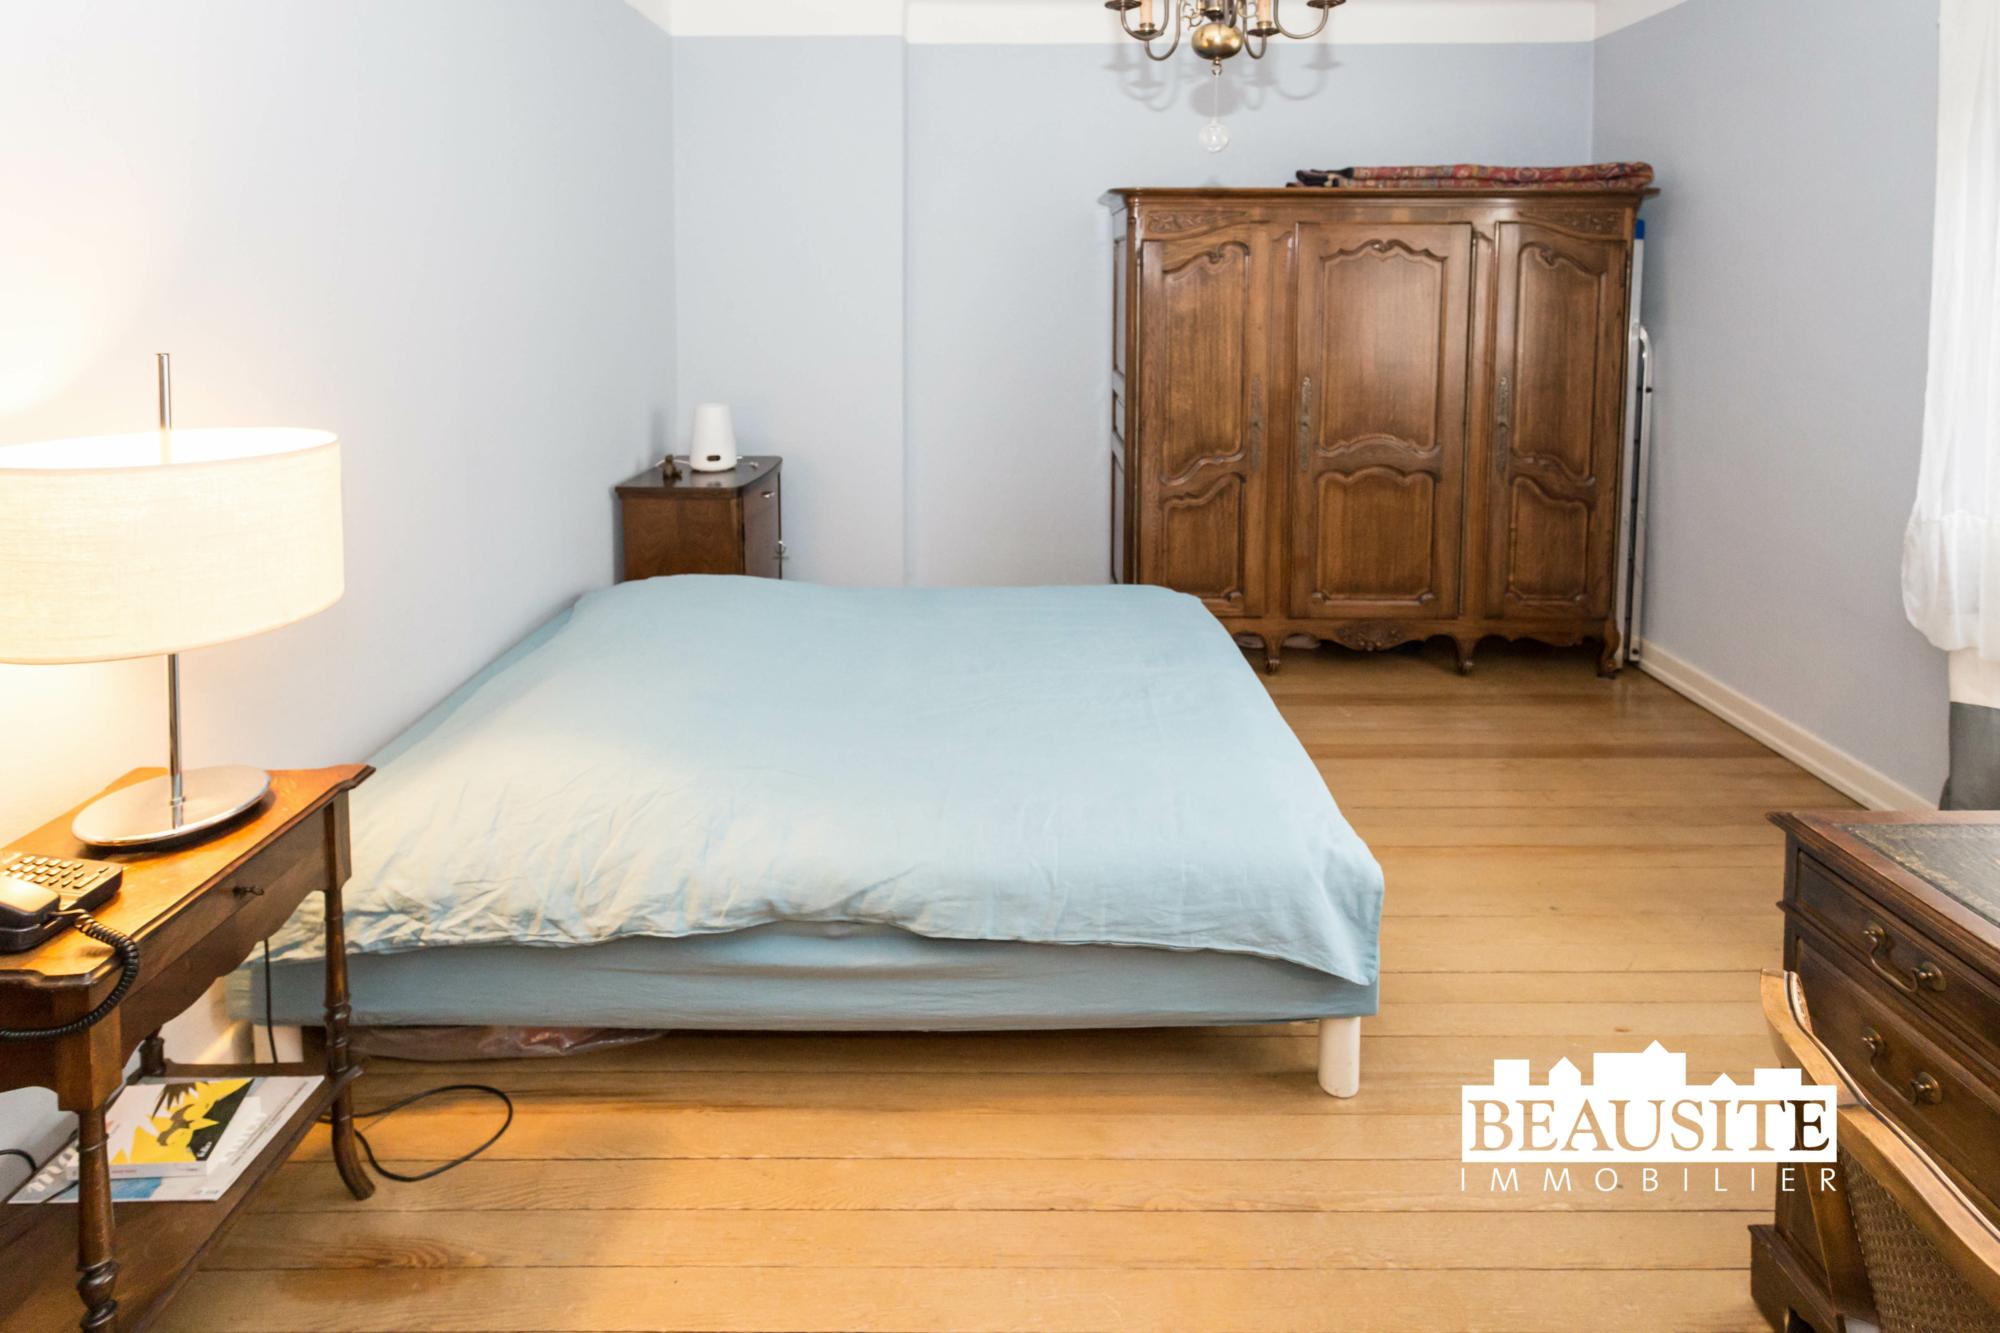 [Paquebot] Accostez dans un appartement à la vue sur la Cathédrale - Halles / rue de Bouxwiller - nos ventes - Beausite Immobilier 15